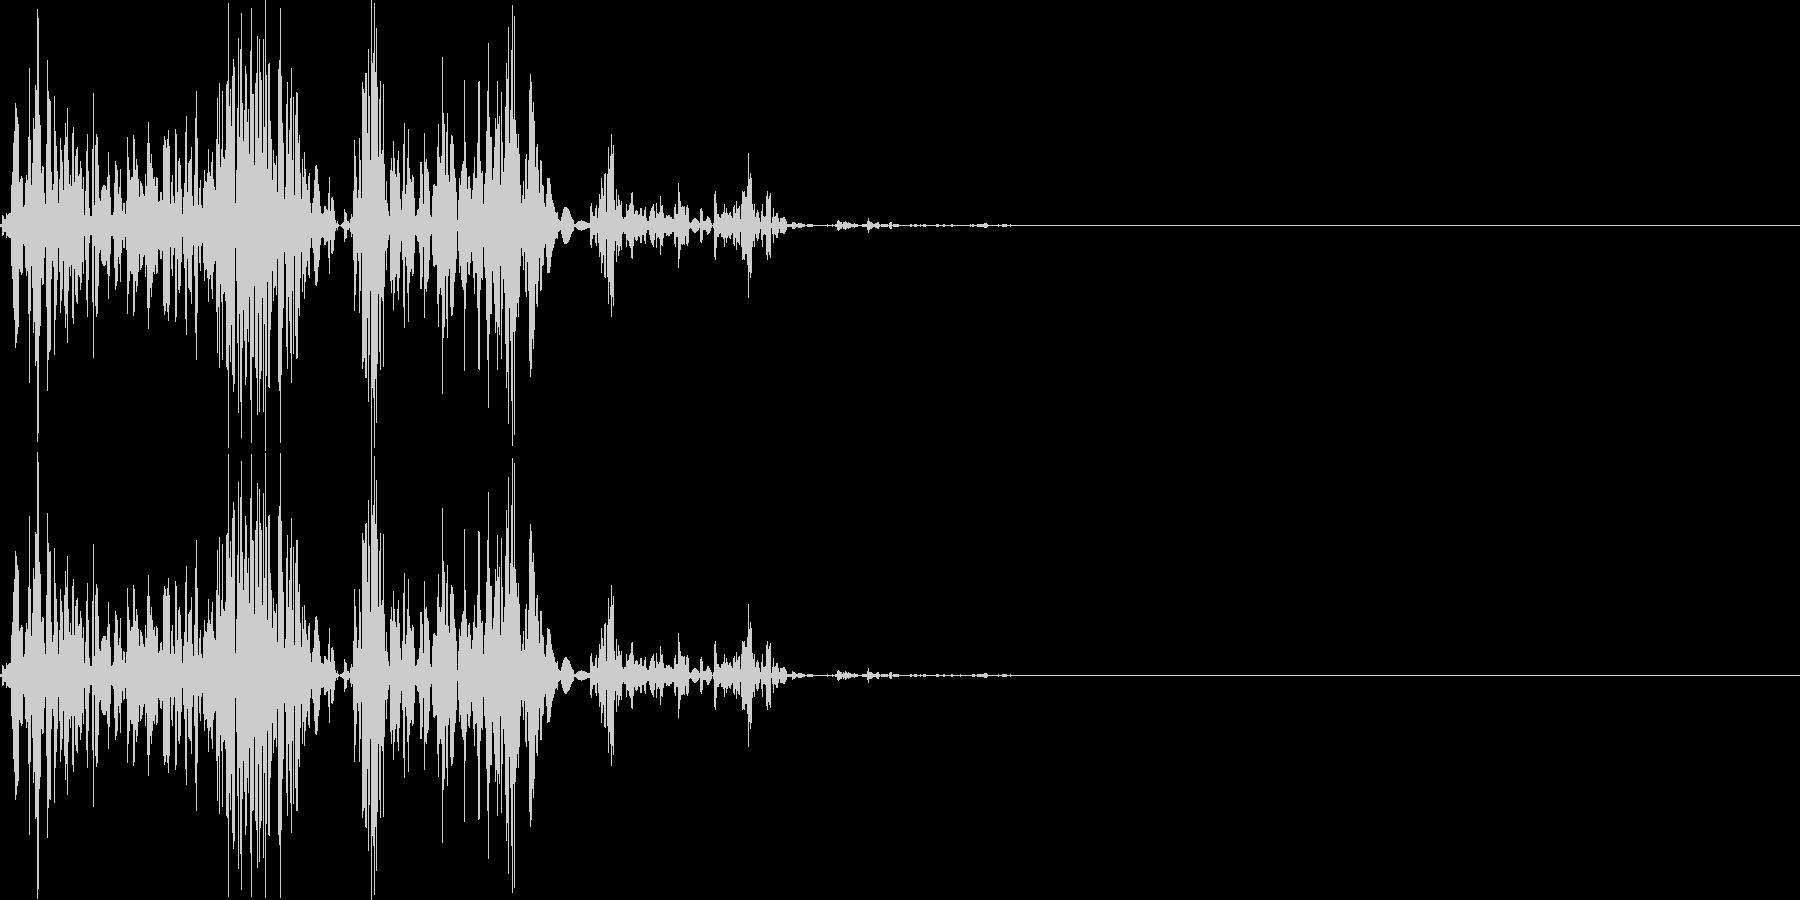 【ガスッ!】ファミコン系 破壊音_03の未再生の波形